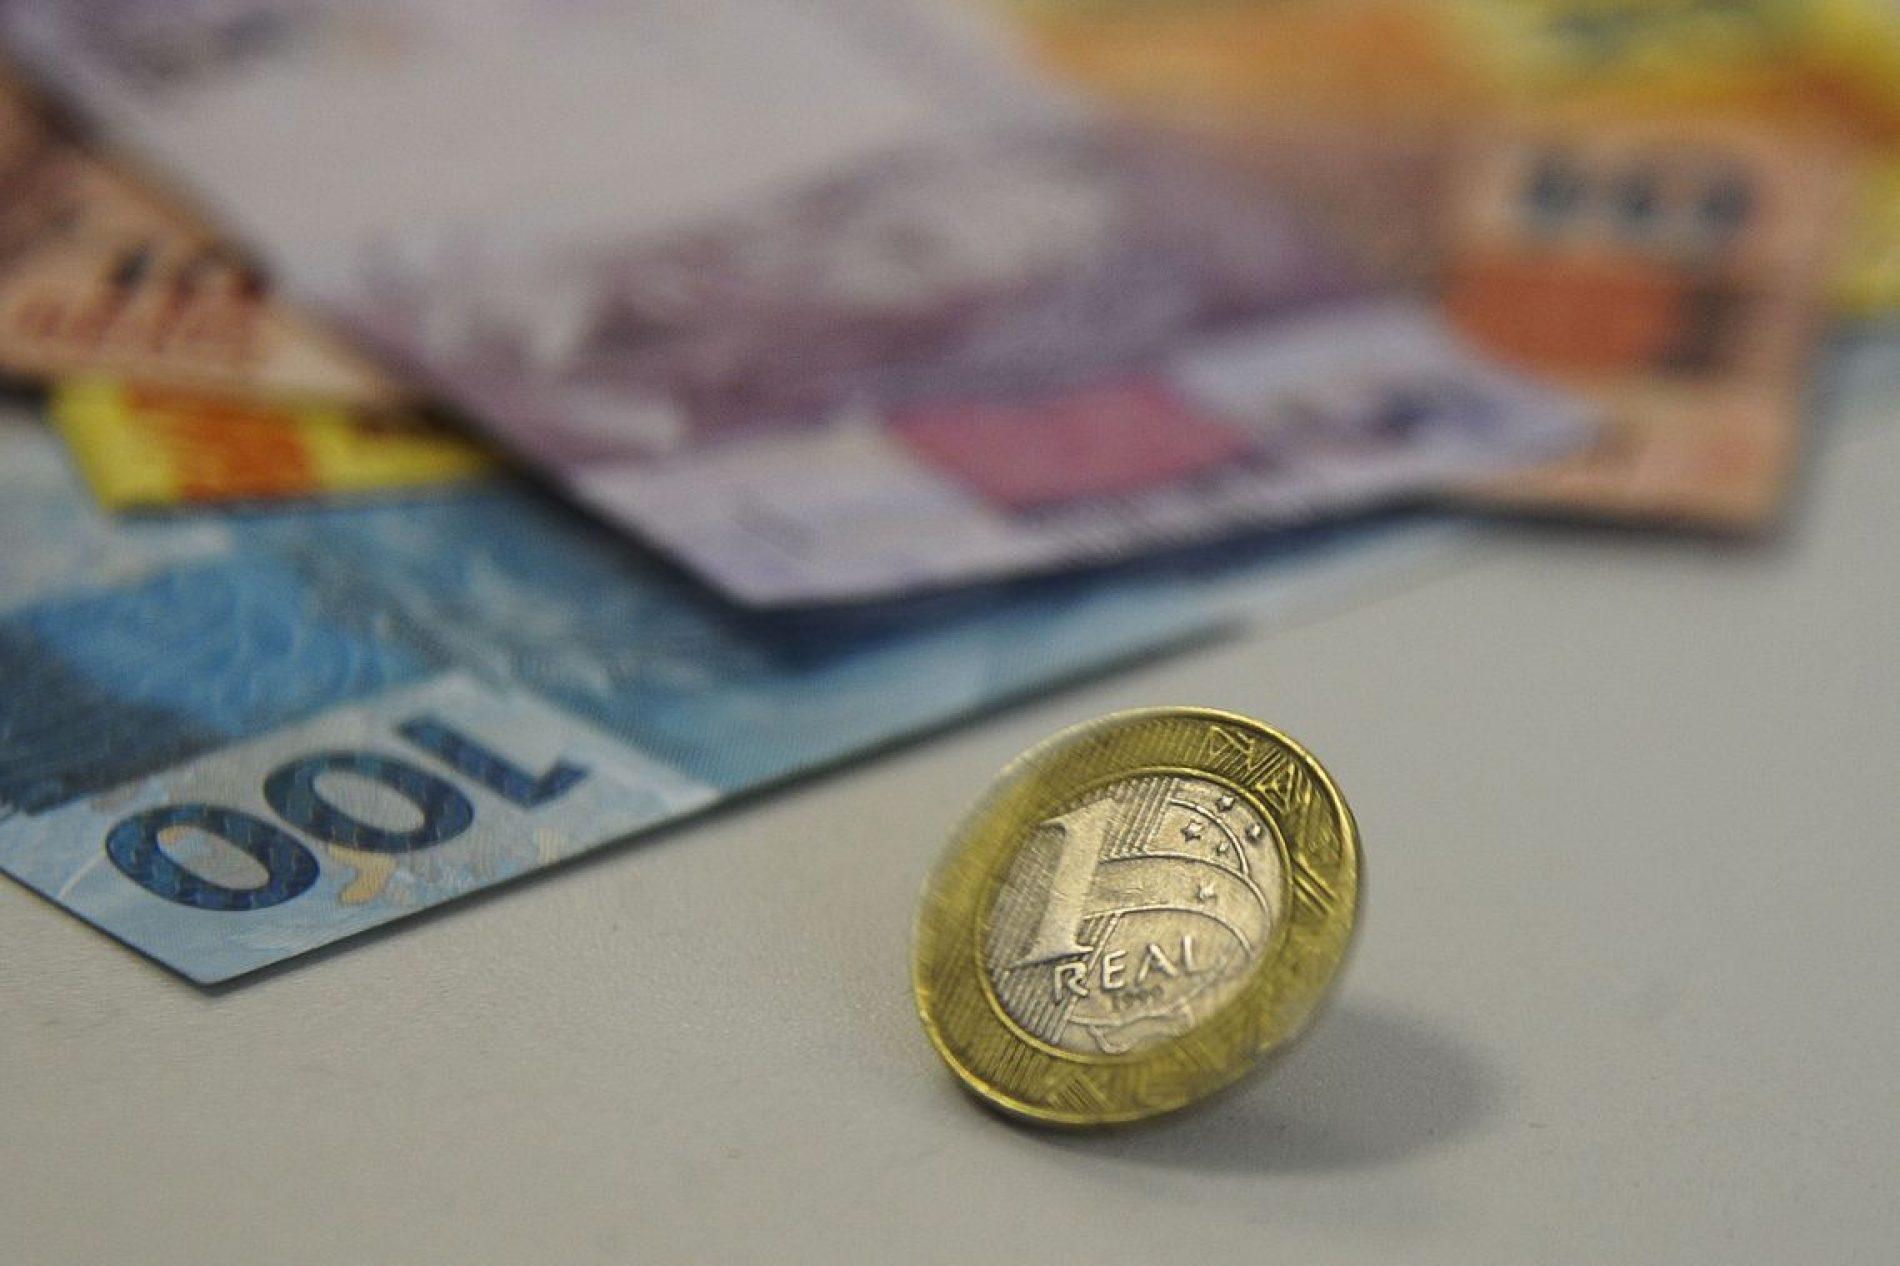 Brasileiros esperam inflação de 4,9% nos próximos 12 meses, diz FGV